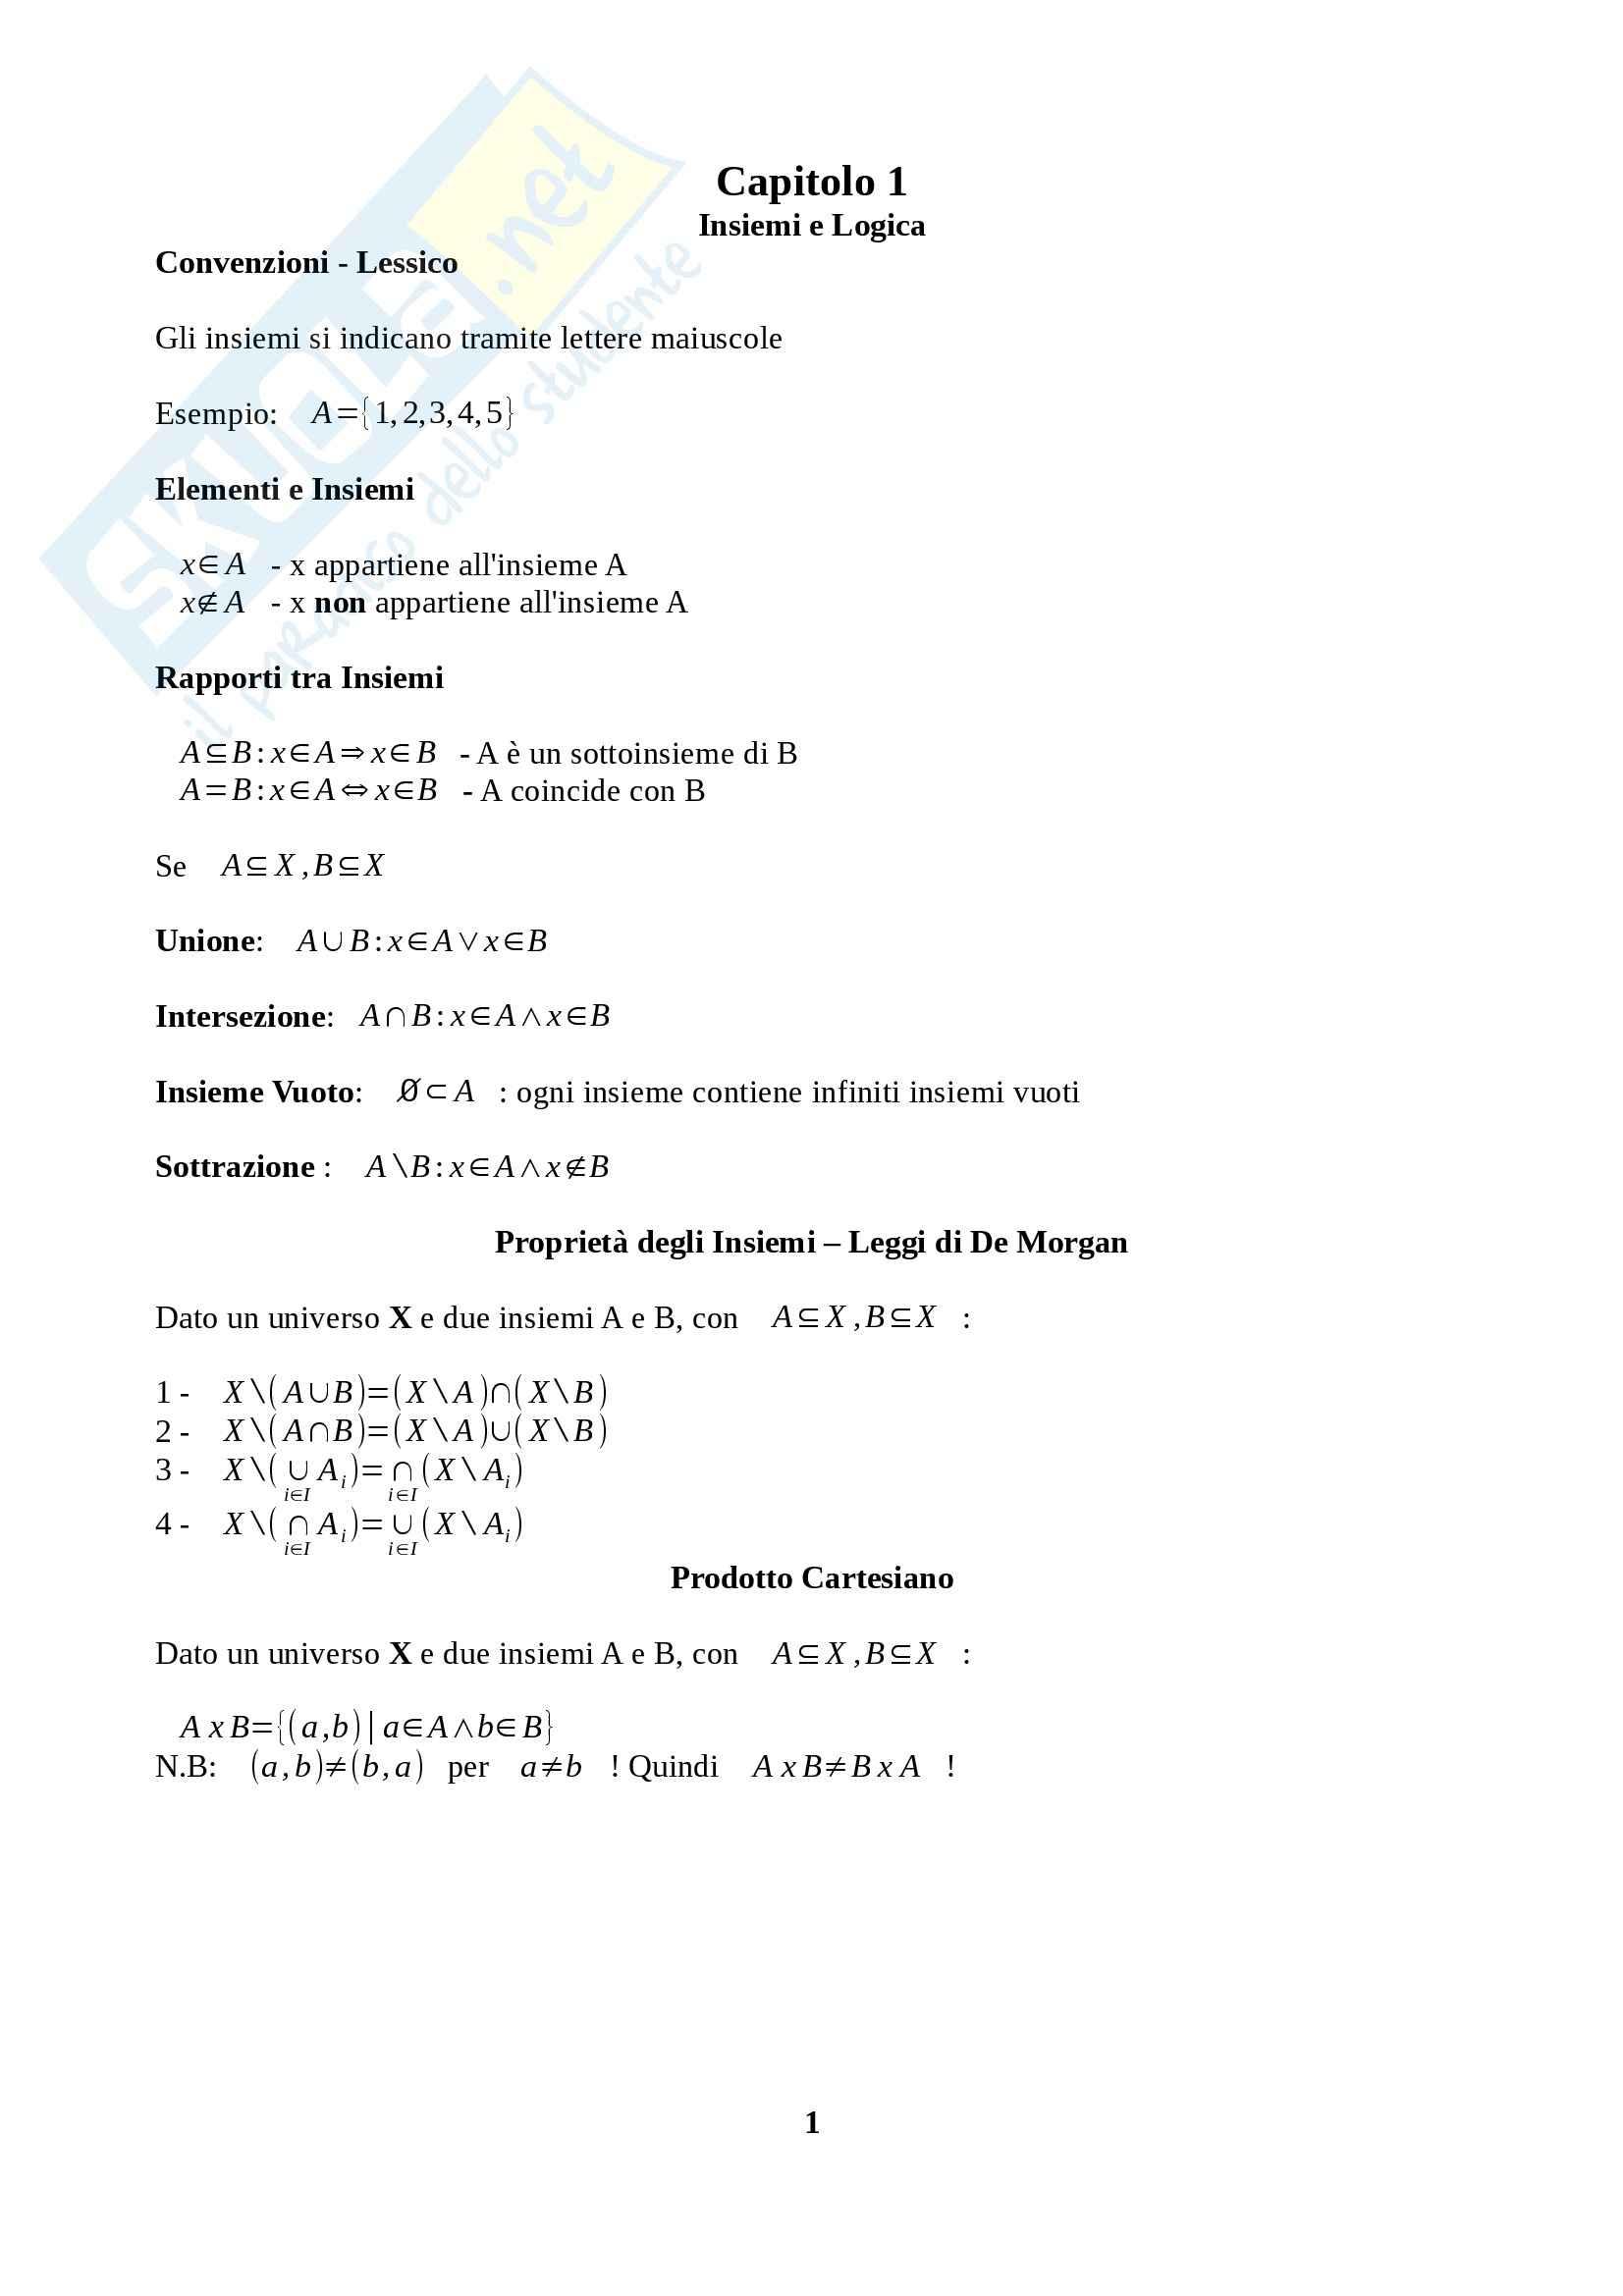 Fondamenti di Analisi 1 per l'Ingegneria - Appunti